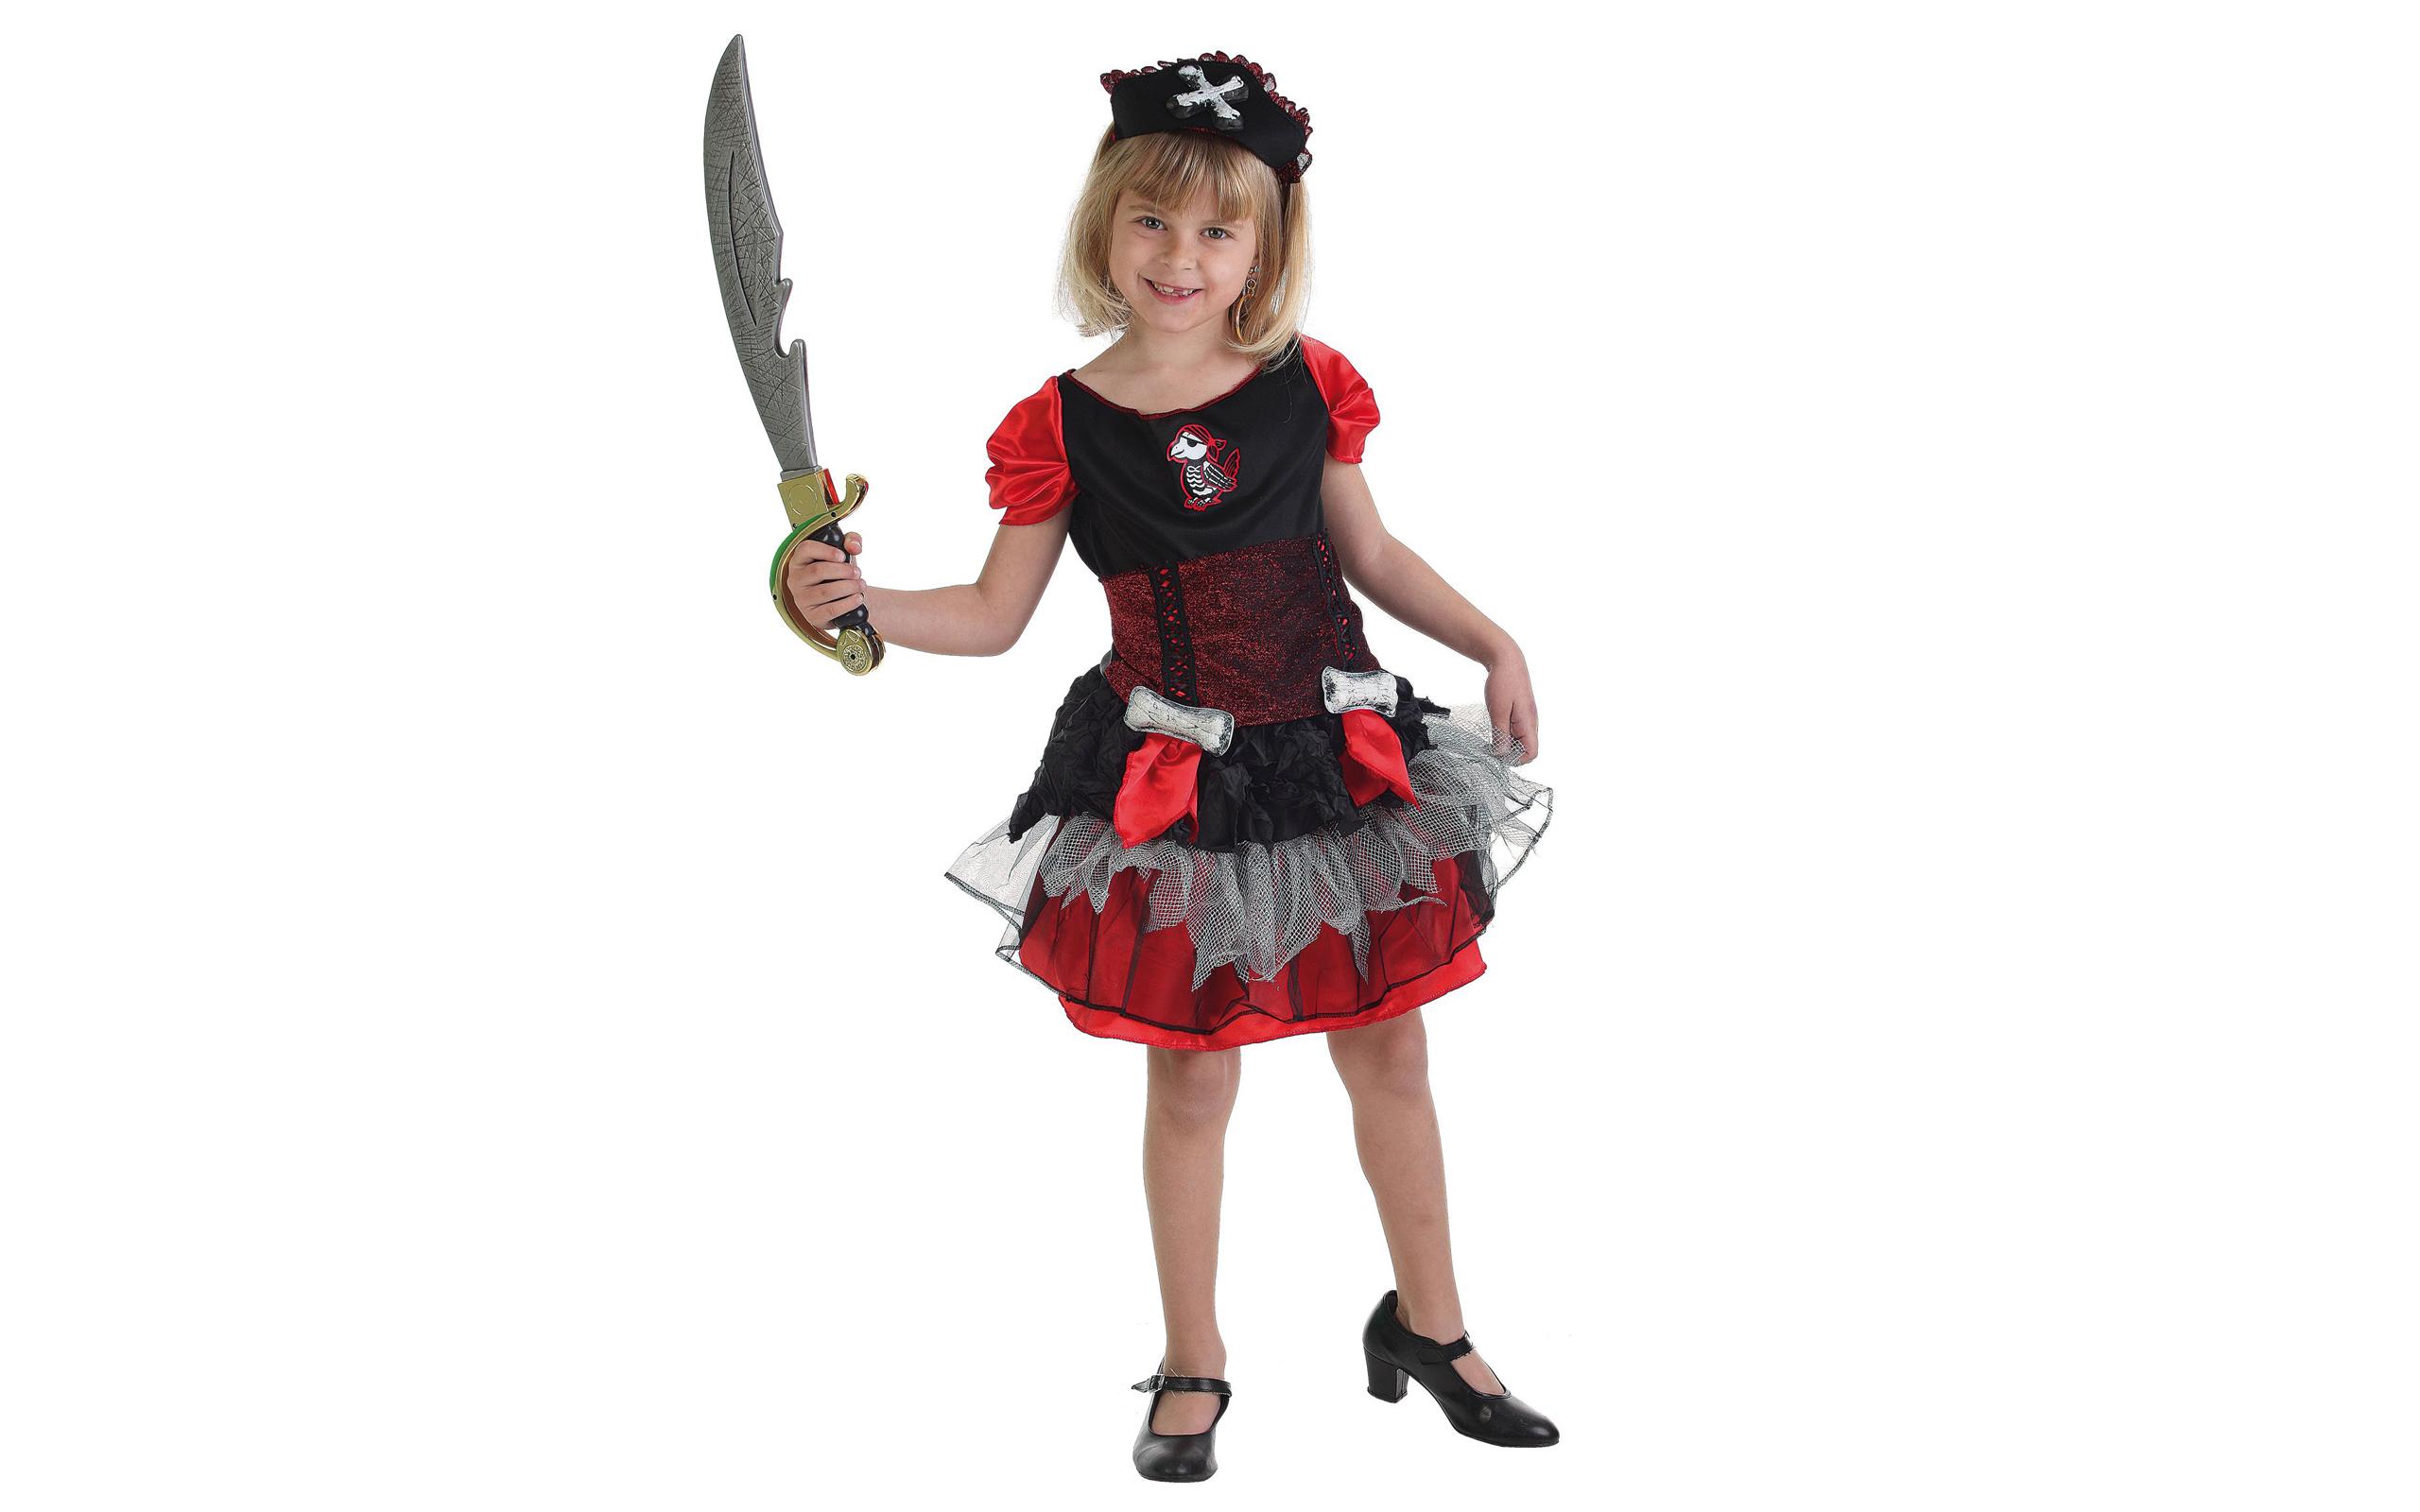 Niña pirata con espada - 2560x1600